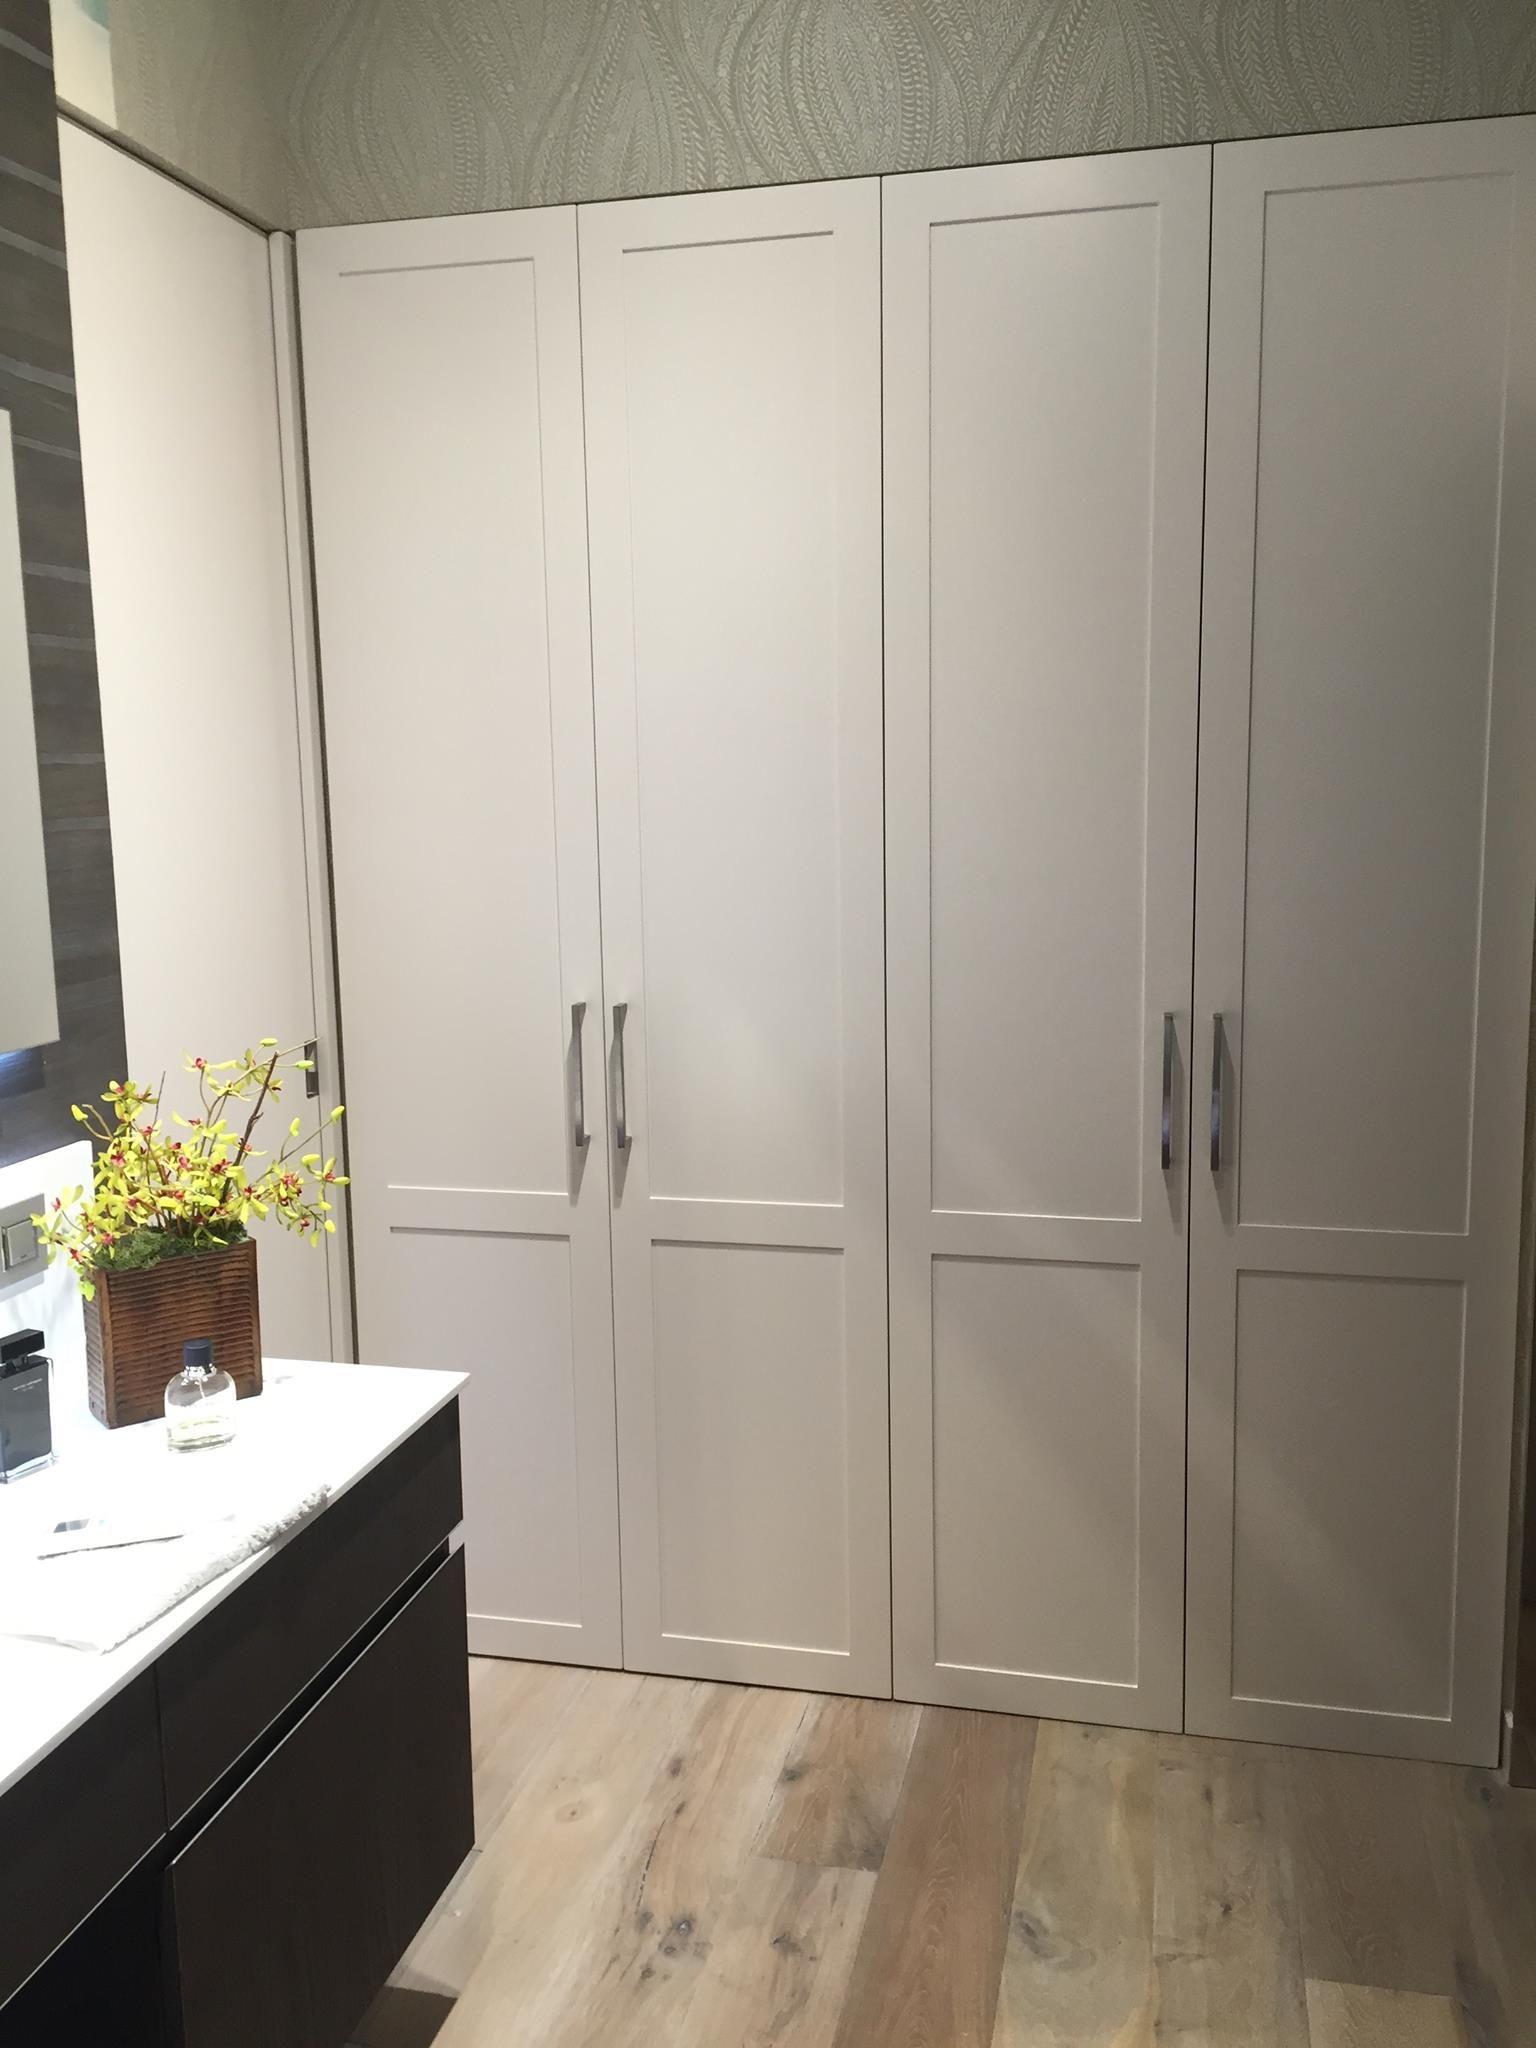 Frente de armario de puertas abatibles lacados en blanco - Armarios con puertas abatibles ...